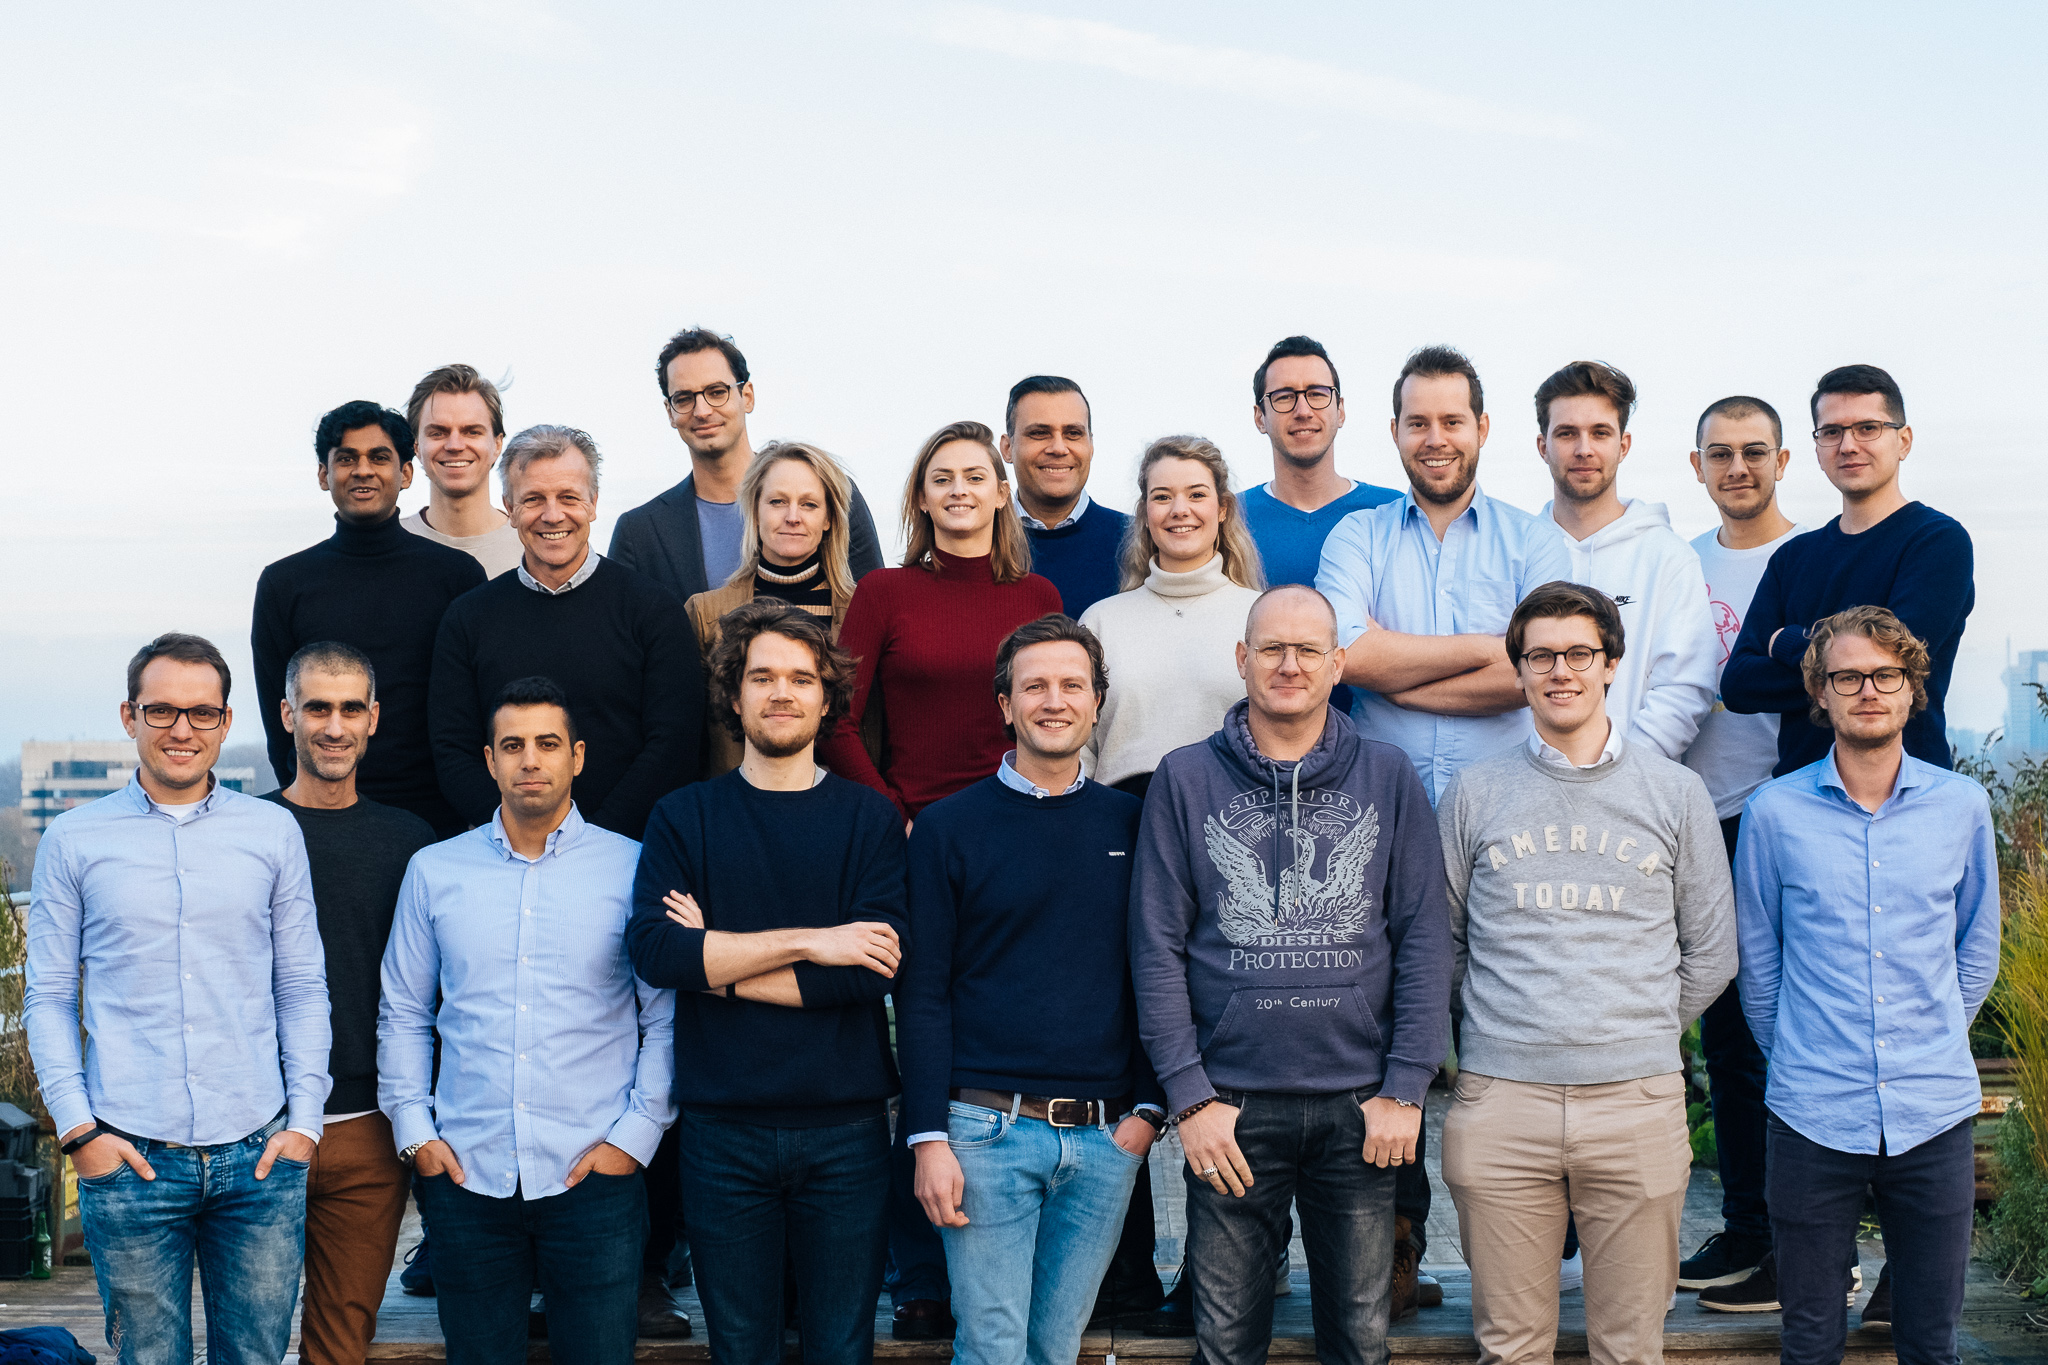 Quicargo team picture